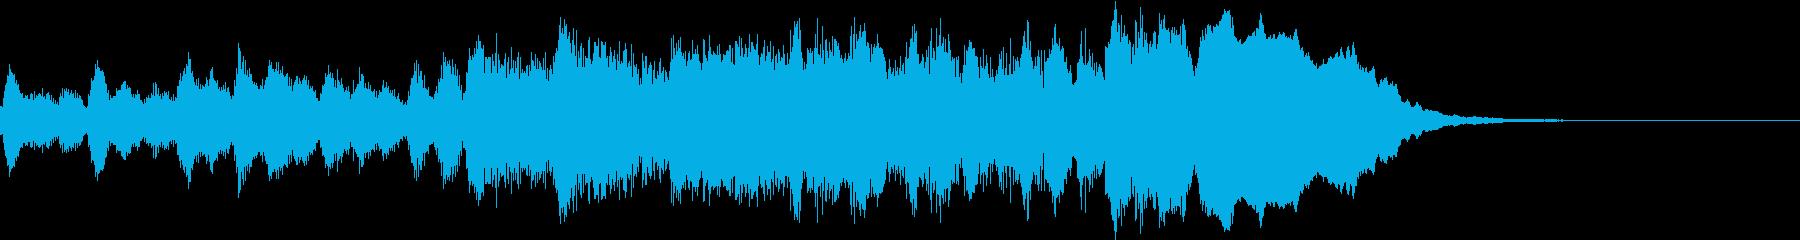 明るい曲調のオーケストラジングルですの再生済みの波形